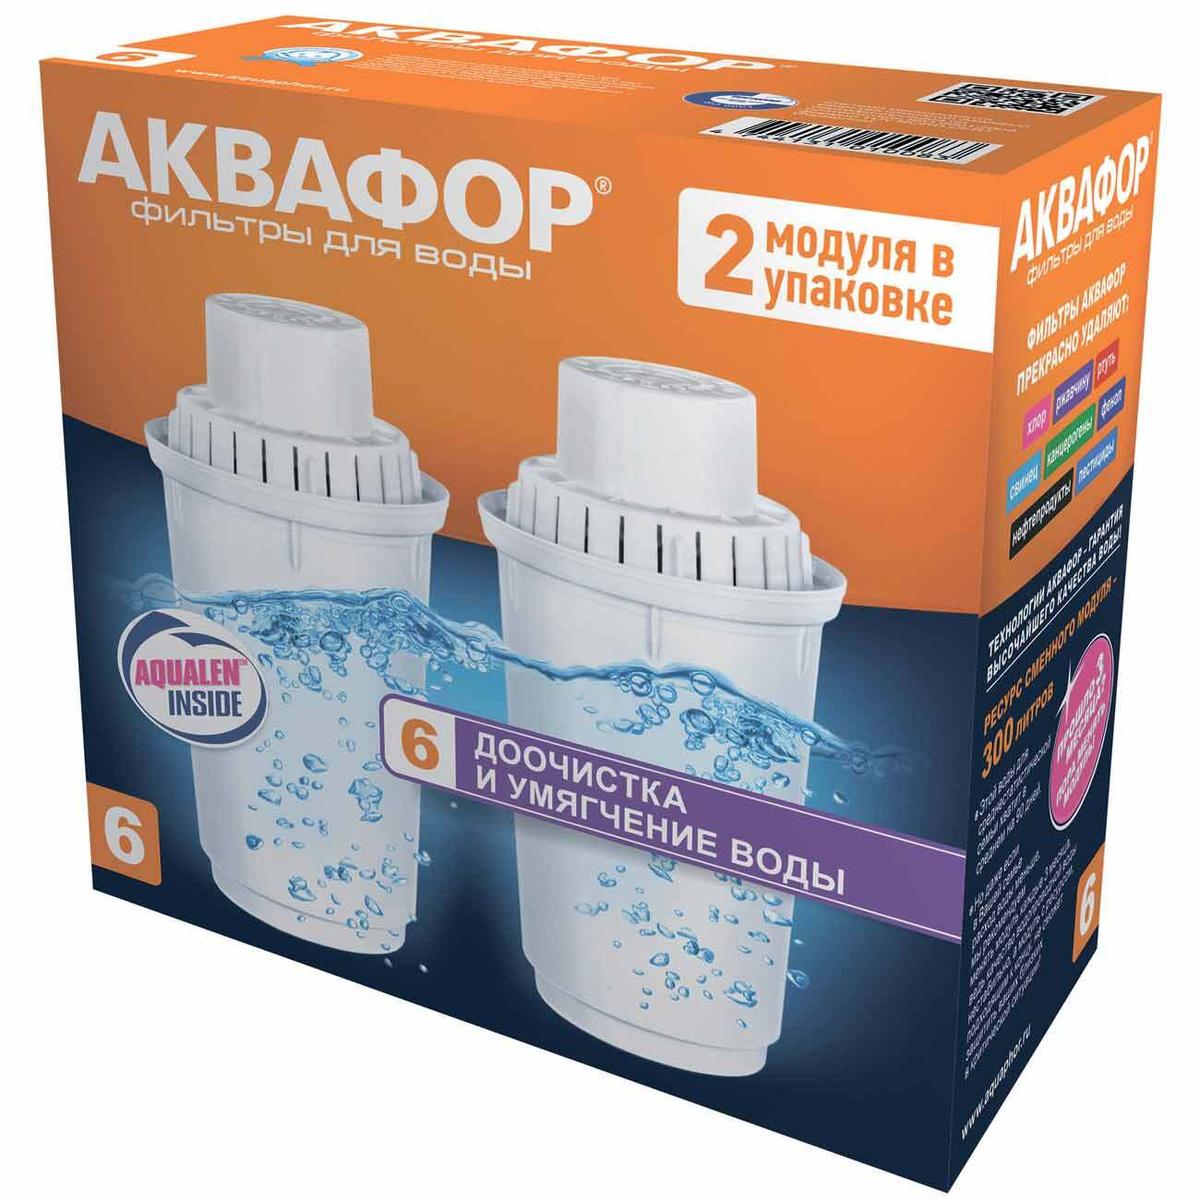 Аквафор Картридж к фильтру для очистки воды В6 (В100-6) #1